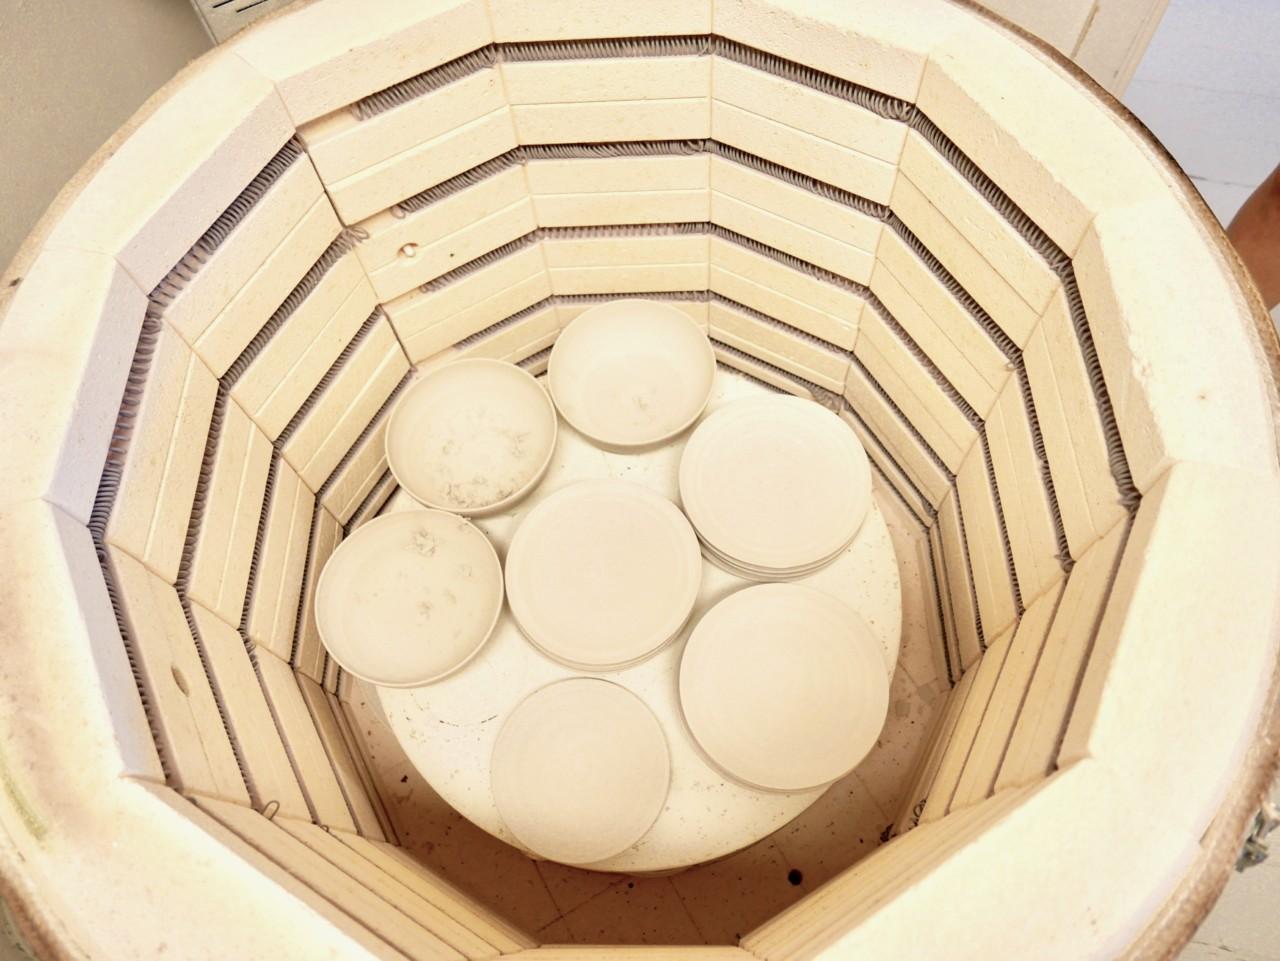 keramikk-ovn-anette-krogstad-green-house